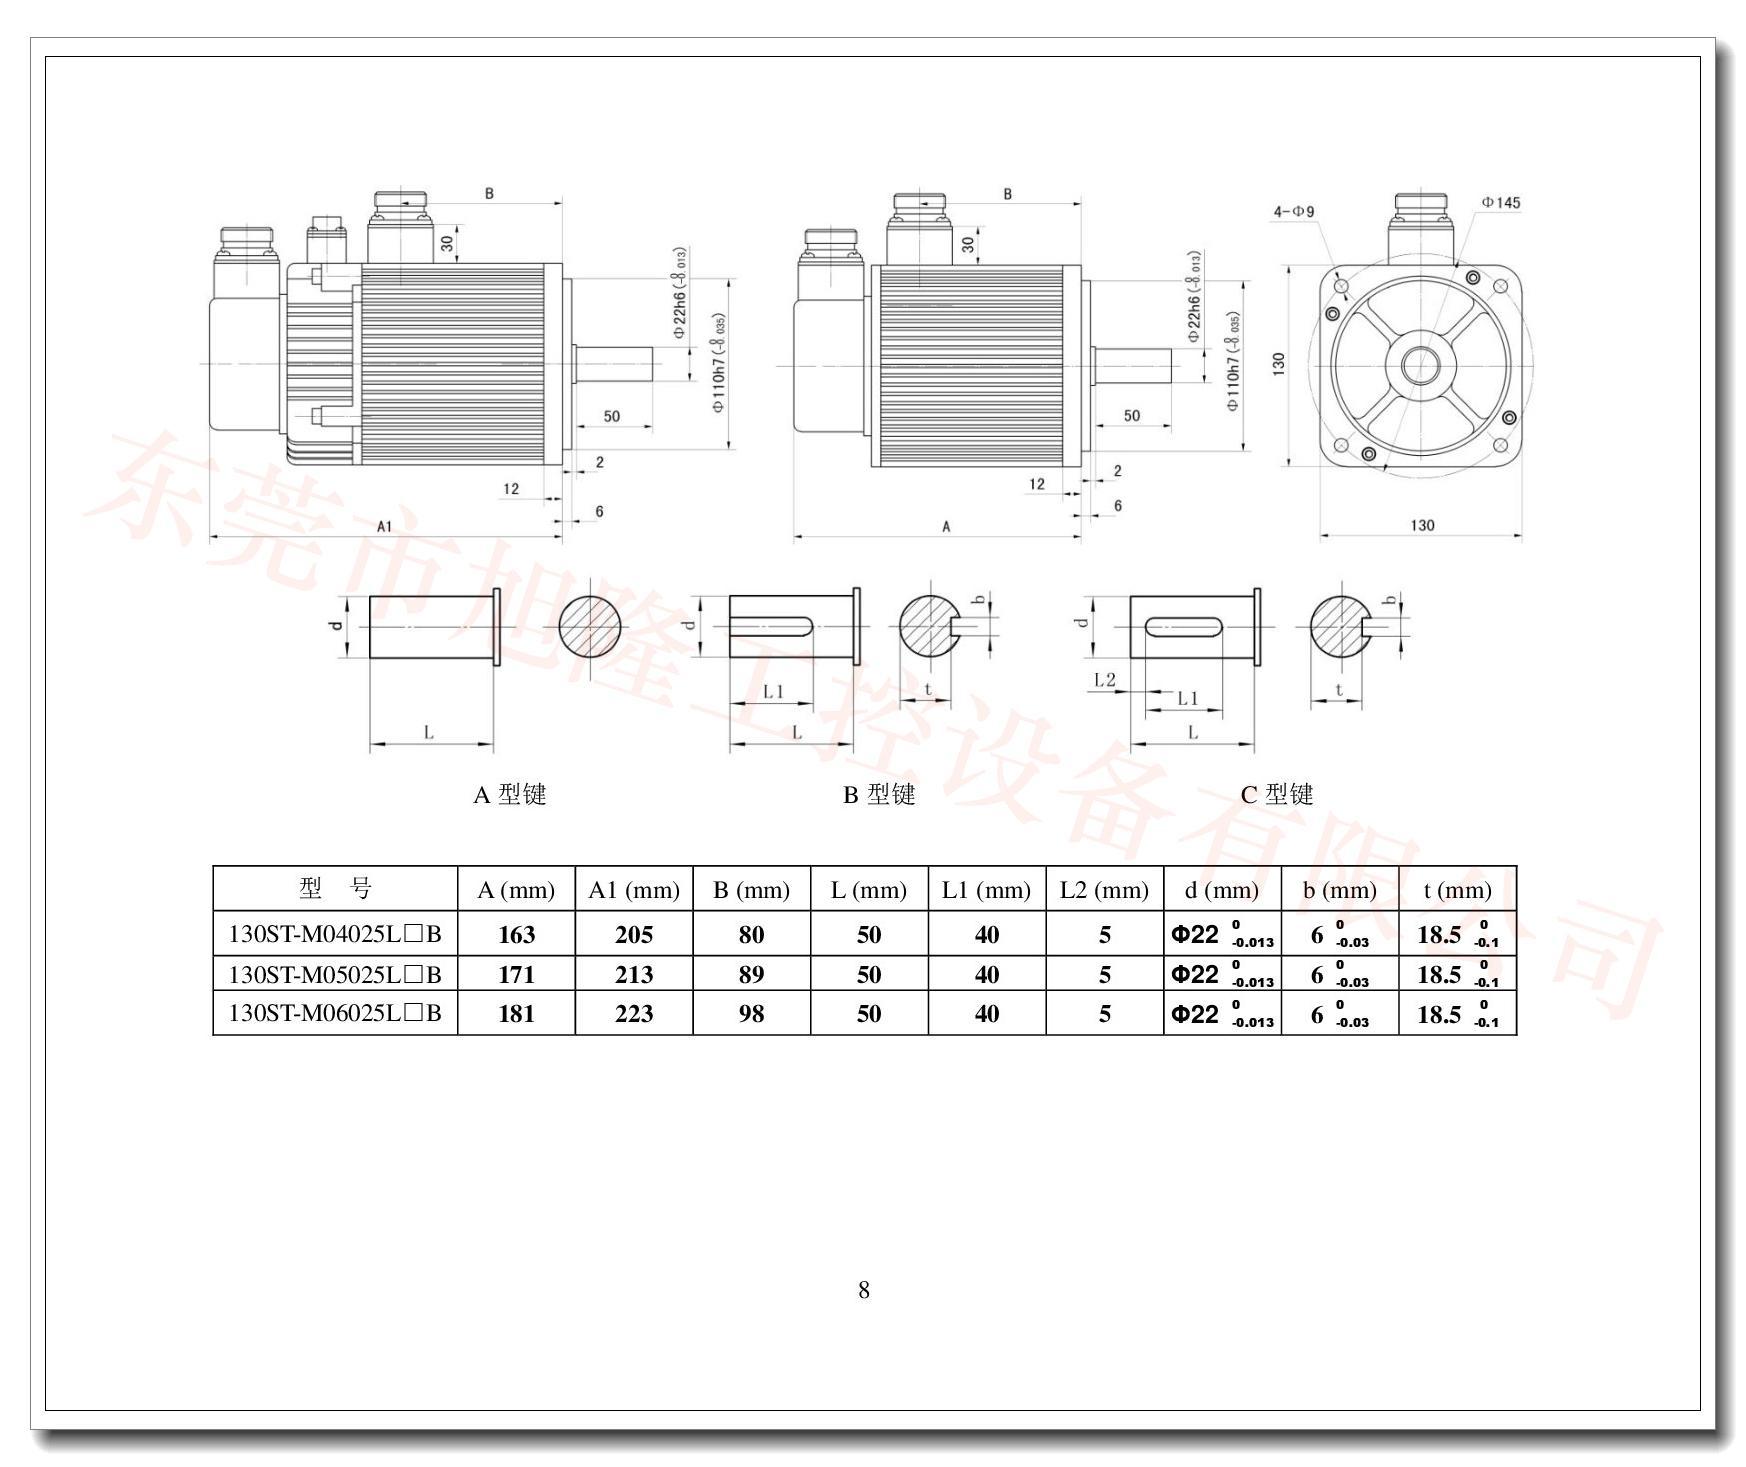 增量式编码器伺服电机 华大伺服 130ST 4N 2500RPM 220V 雕刻机用  5